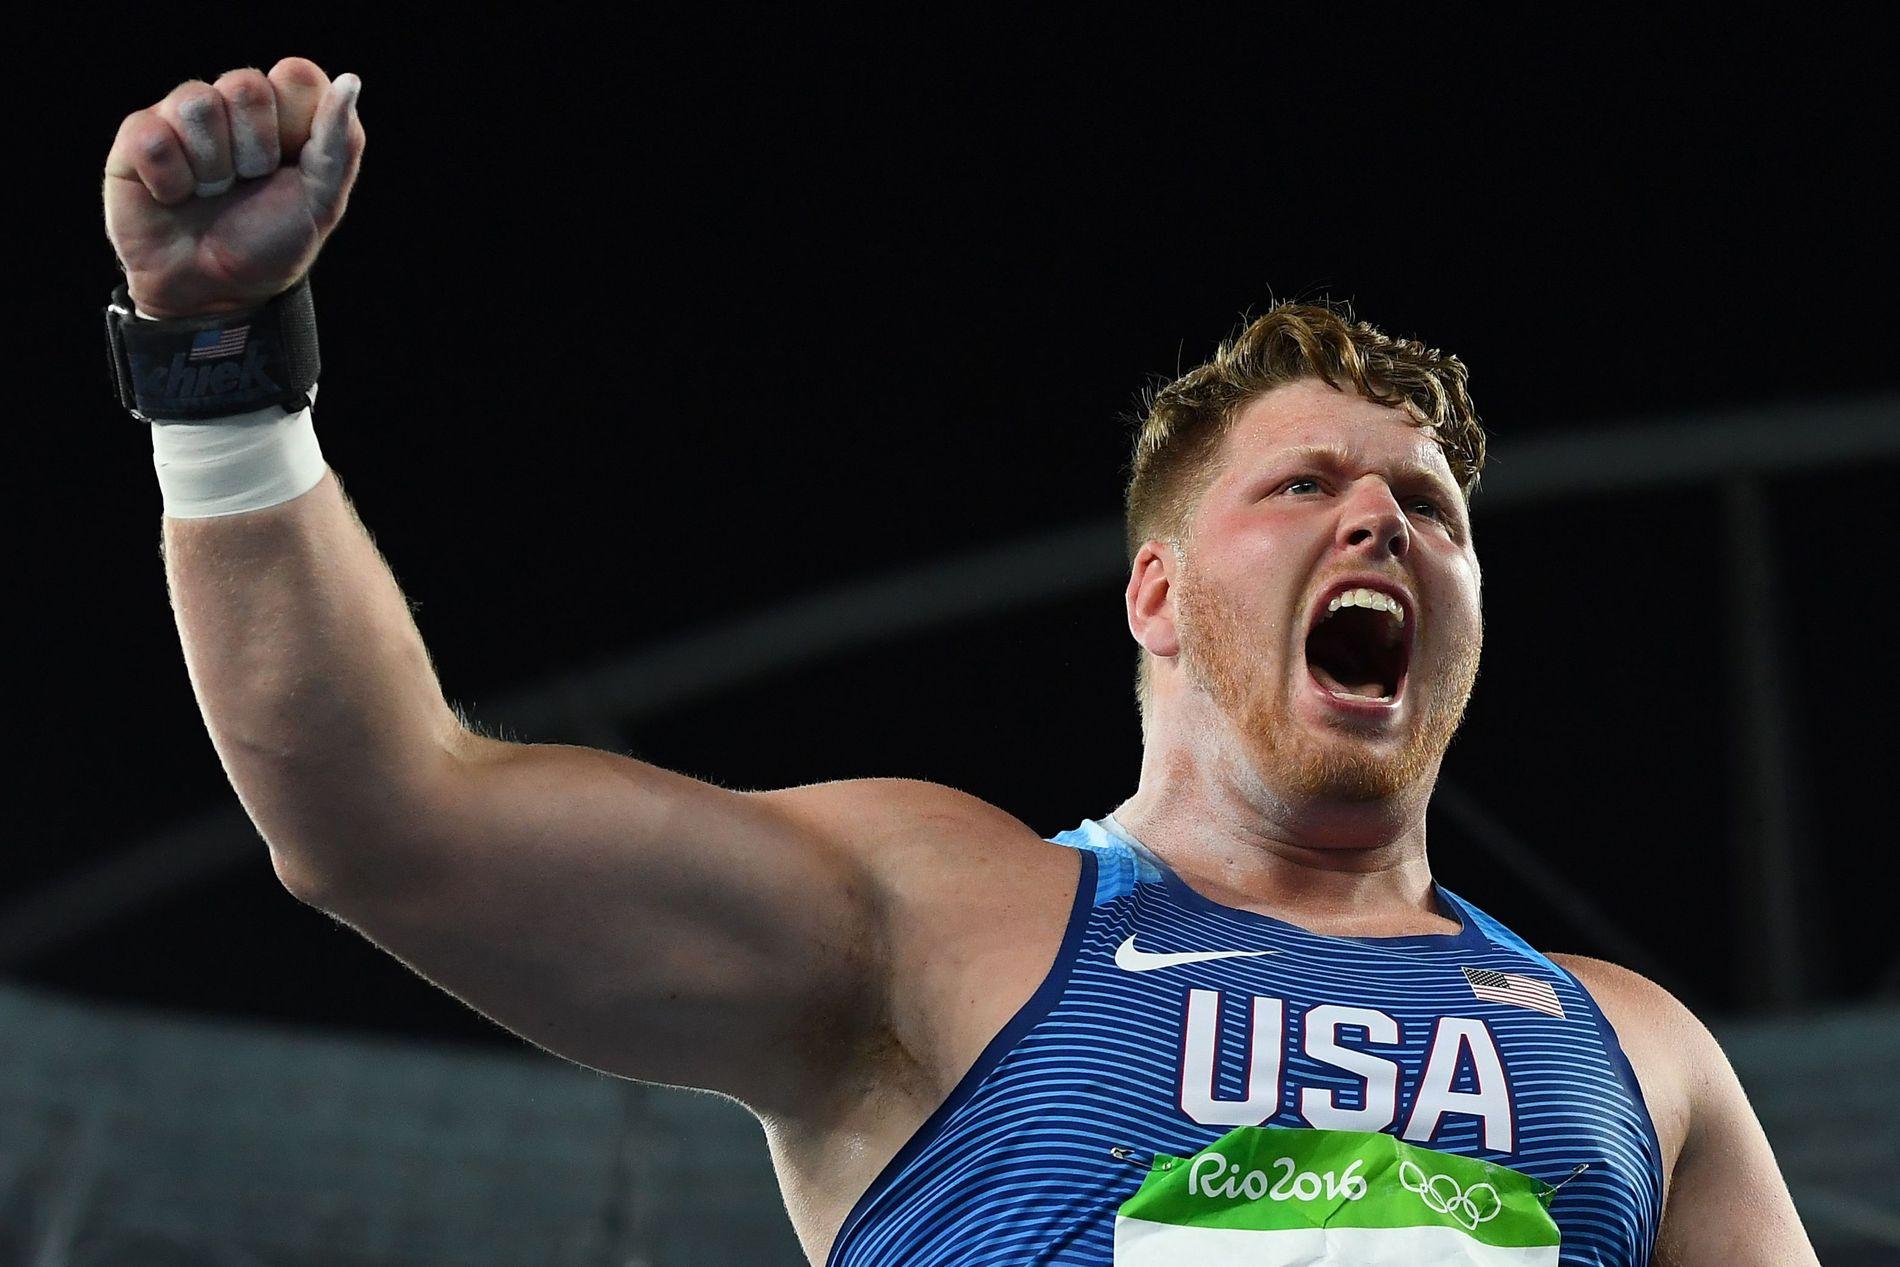 JUBELBRØL: Ryan Crouser feirer etter å ha sikret sitt OL-gull.